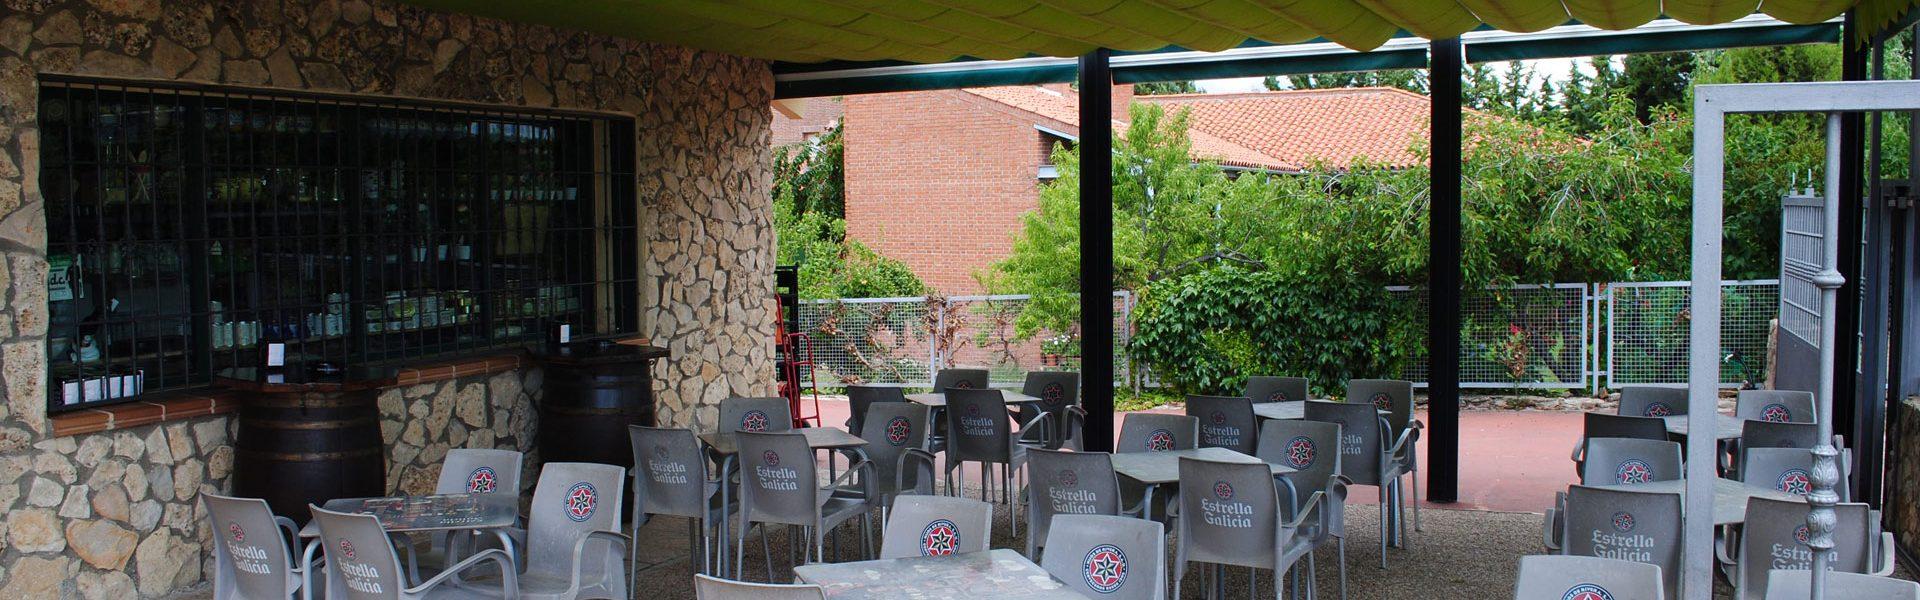 restaurante-bar-tienda-area-del-tamajon_04